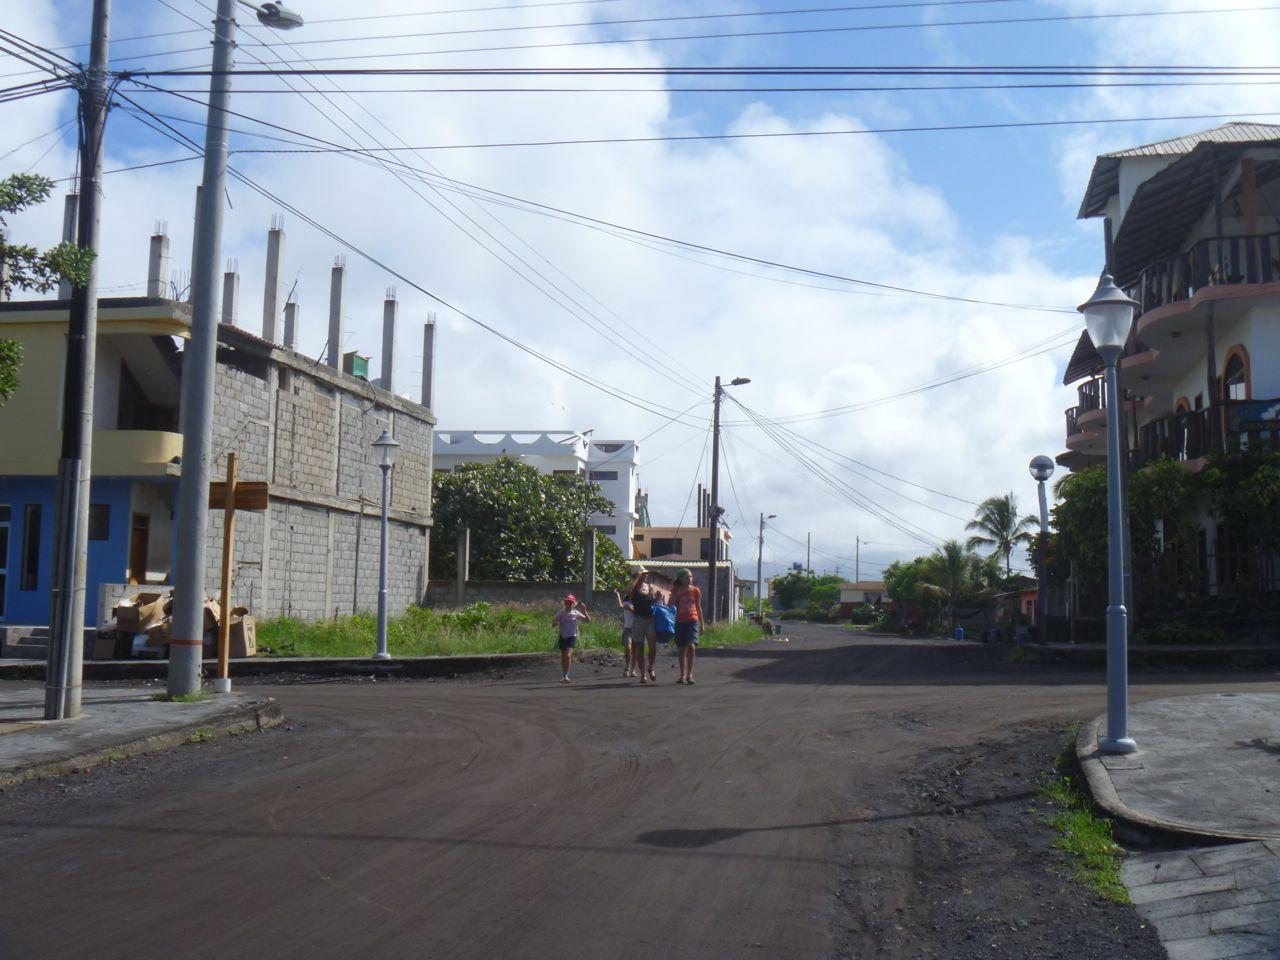 Strasse auf Isabela Galapagos